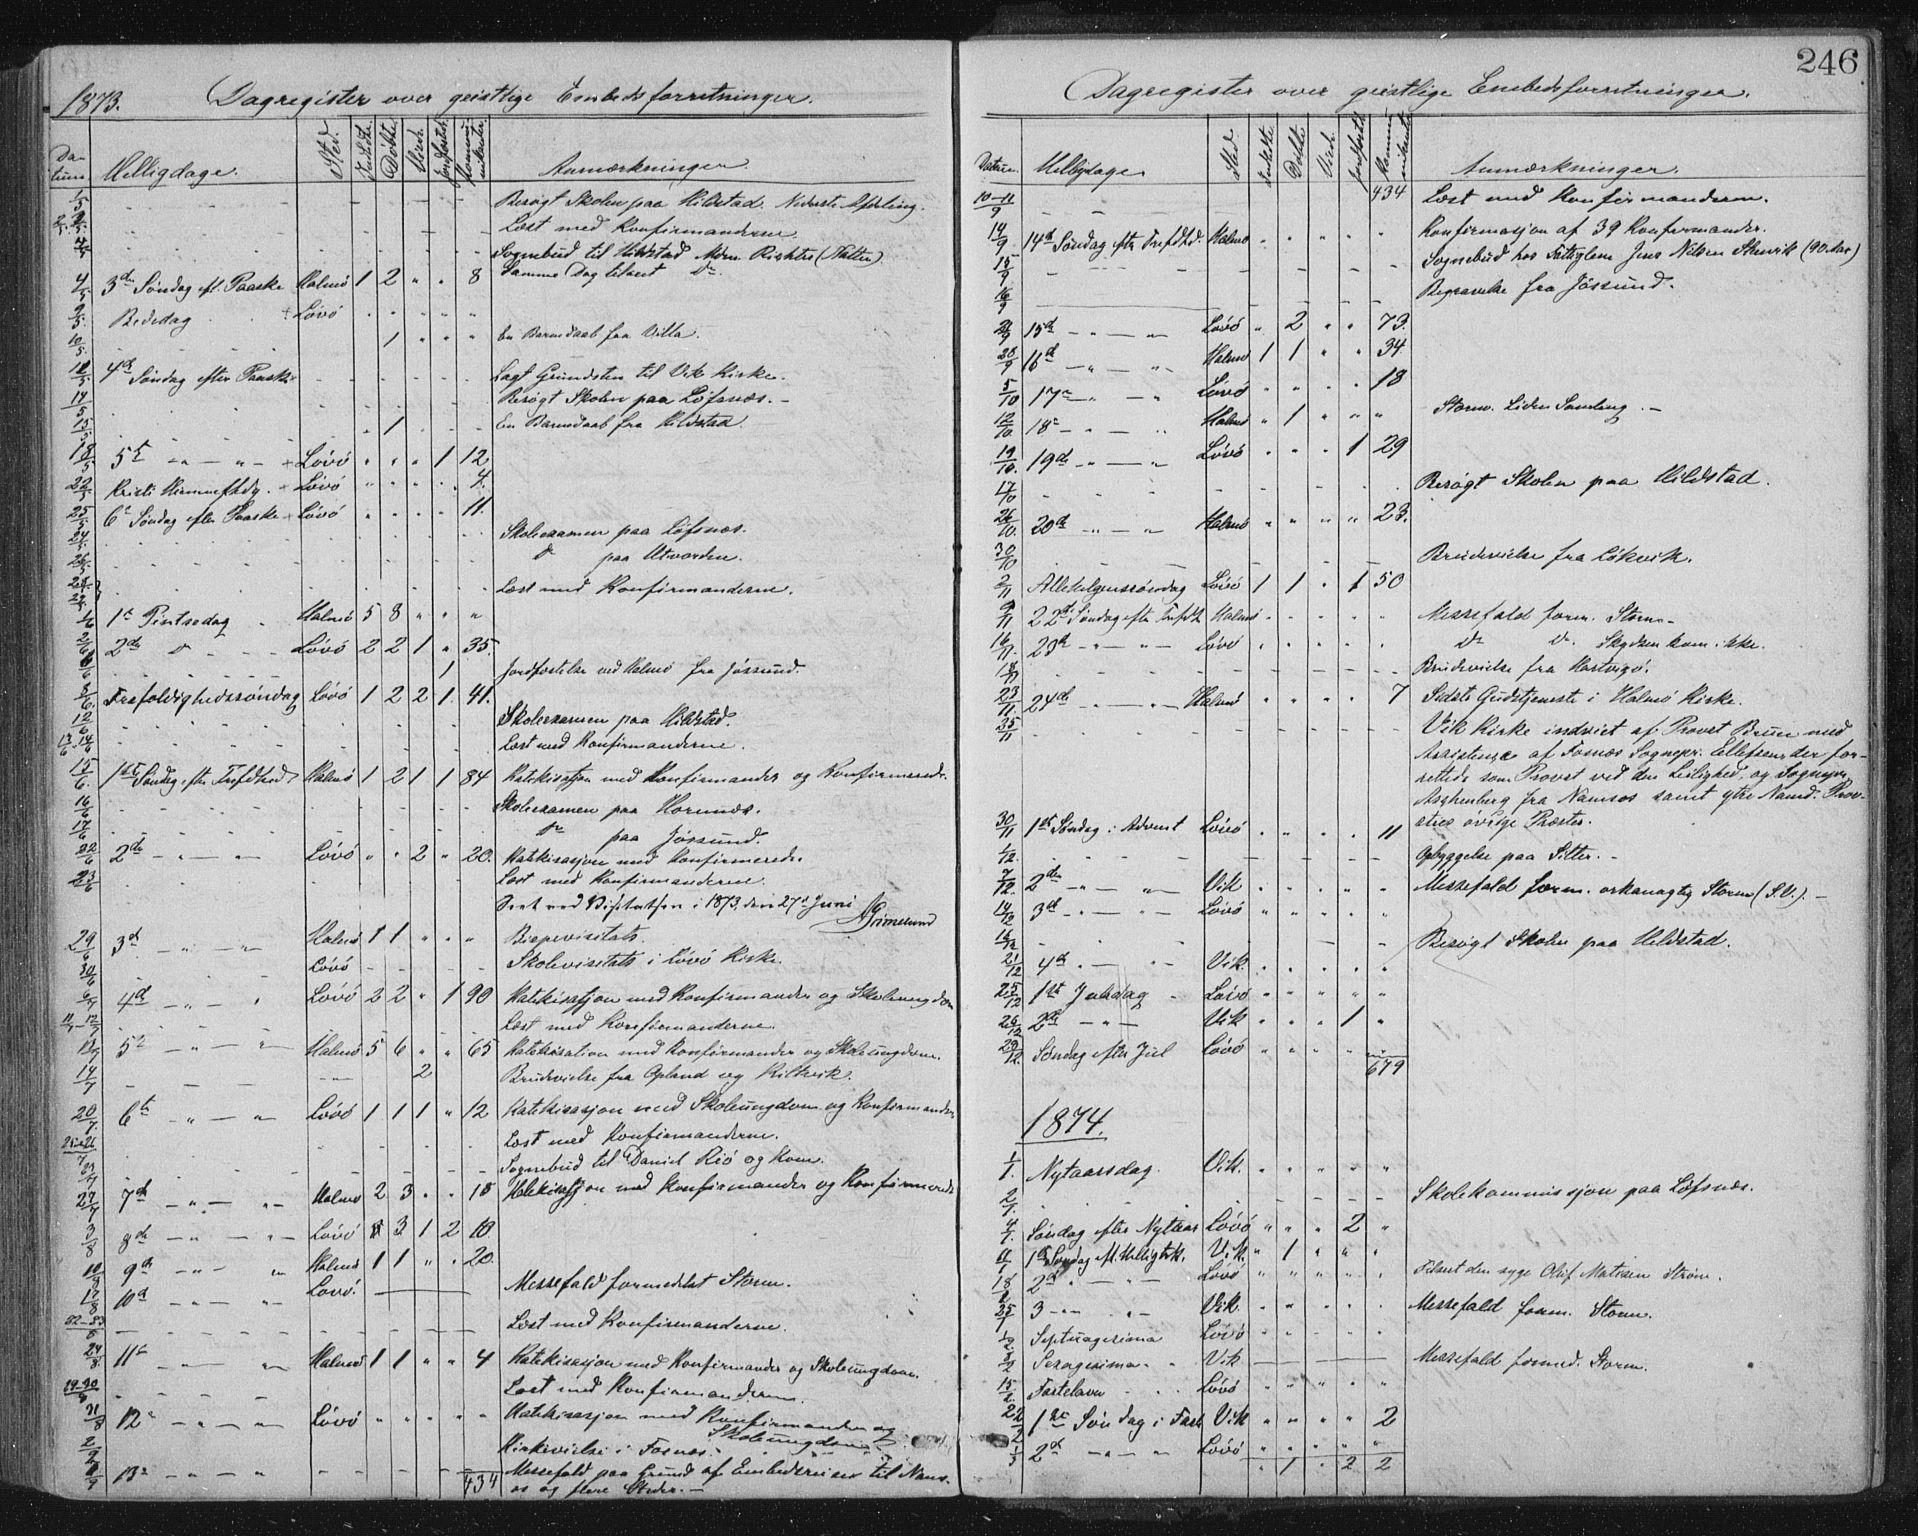 SAT, Ministerialprotokoller, klokkerbøker og fødselsregistre - Nord-Trøndelag, 771/L0596: Ministerialbok nr. 771A03, 1870-1884, s. 246